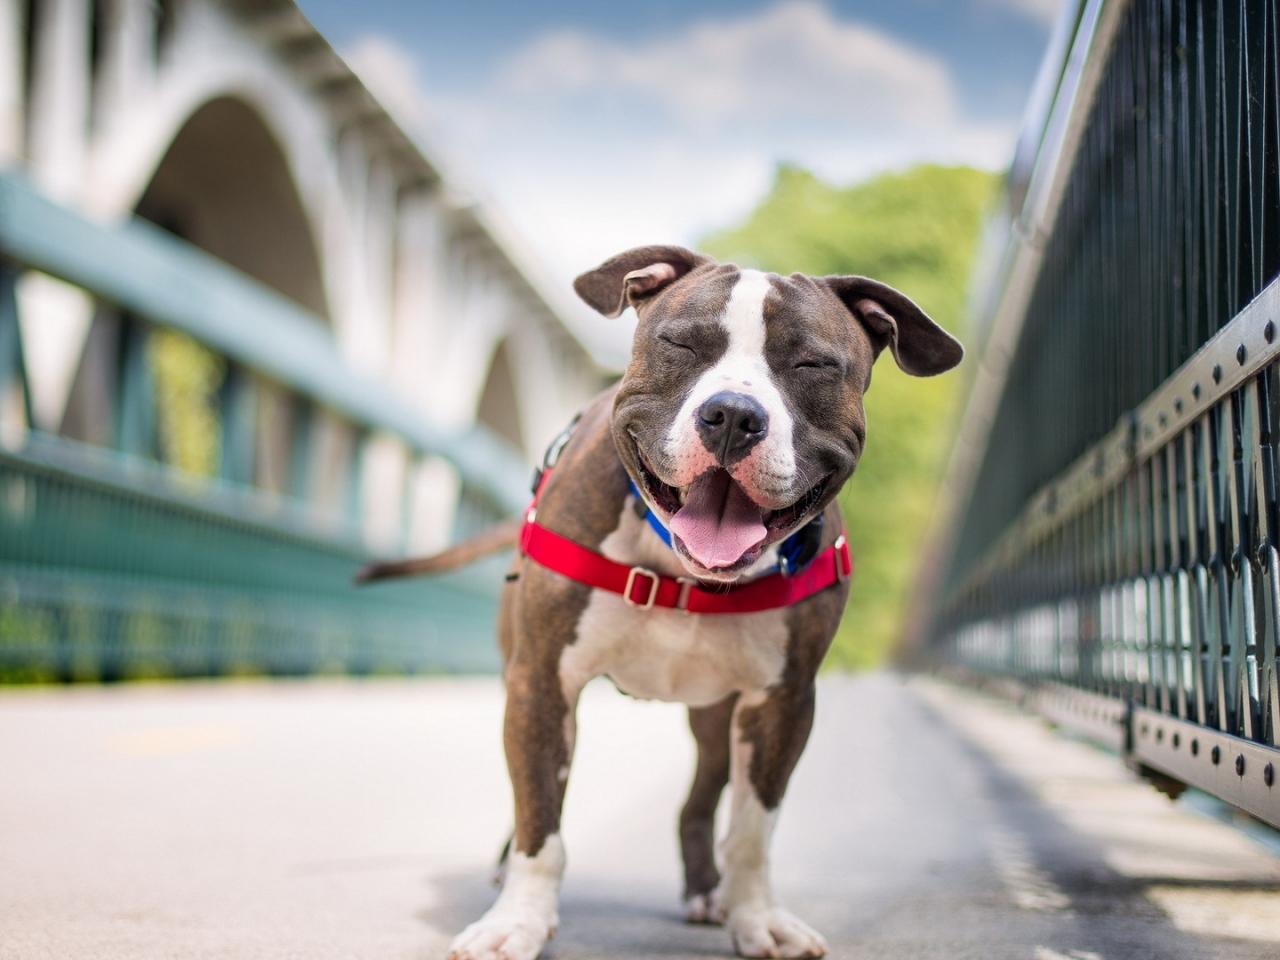 Perros felices - 1280x960